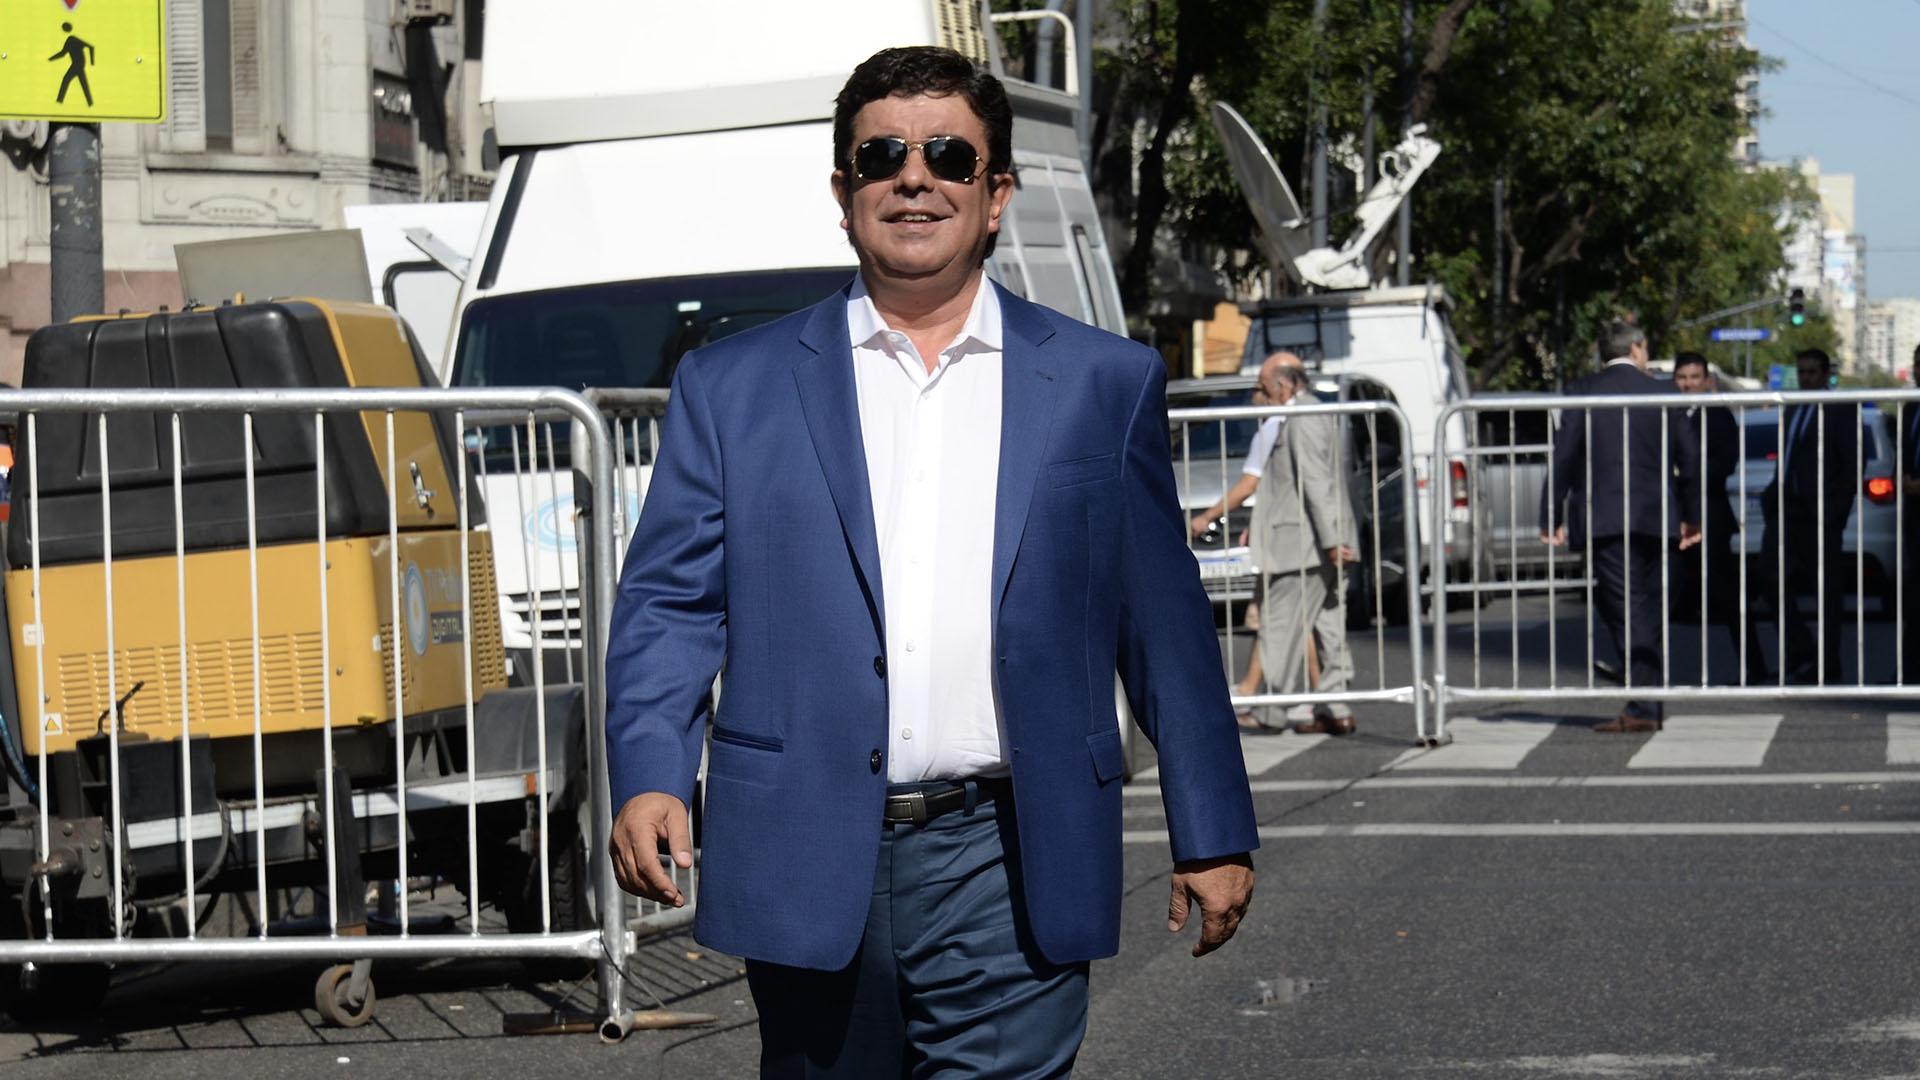 El diputado Nacional por la Provincia de Buenos Aires y ex intendente de La Matanza, Fernando Espinoza